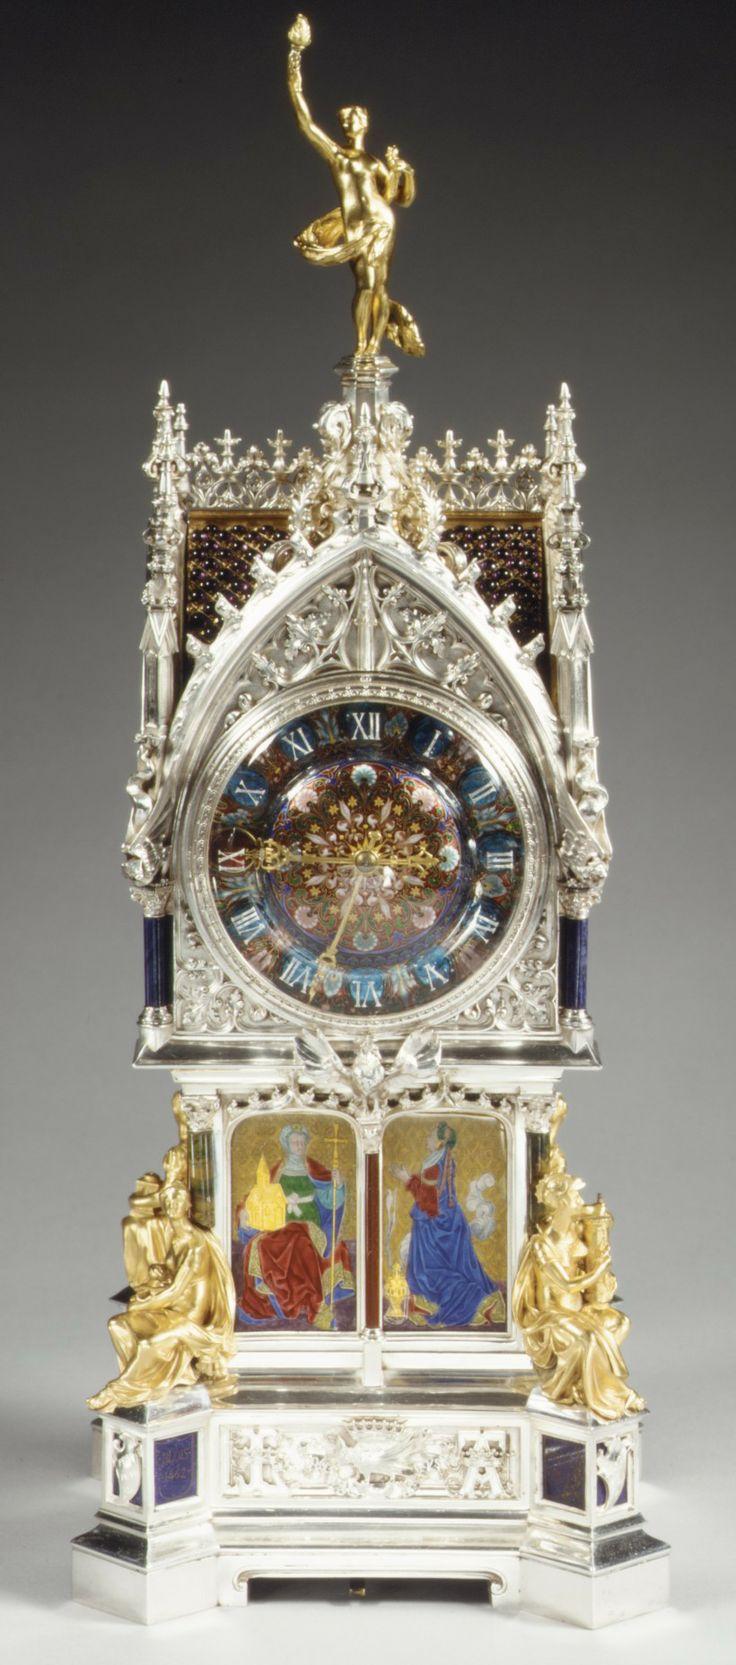 Clock Designer of case and enamel: Lucien Falize (French, Paris 1839–1897 Paris)